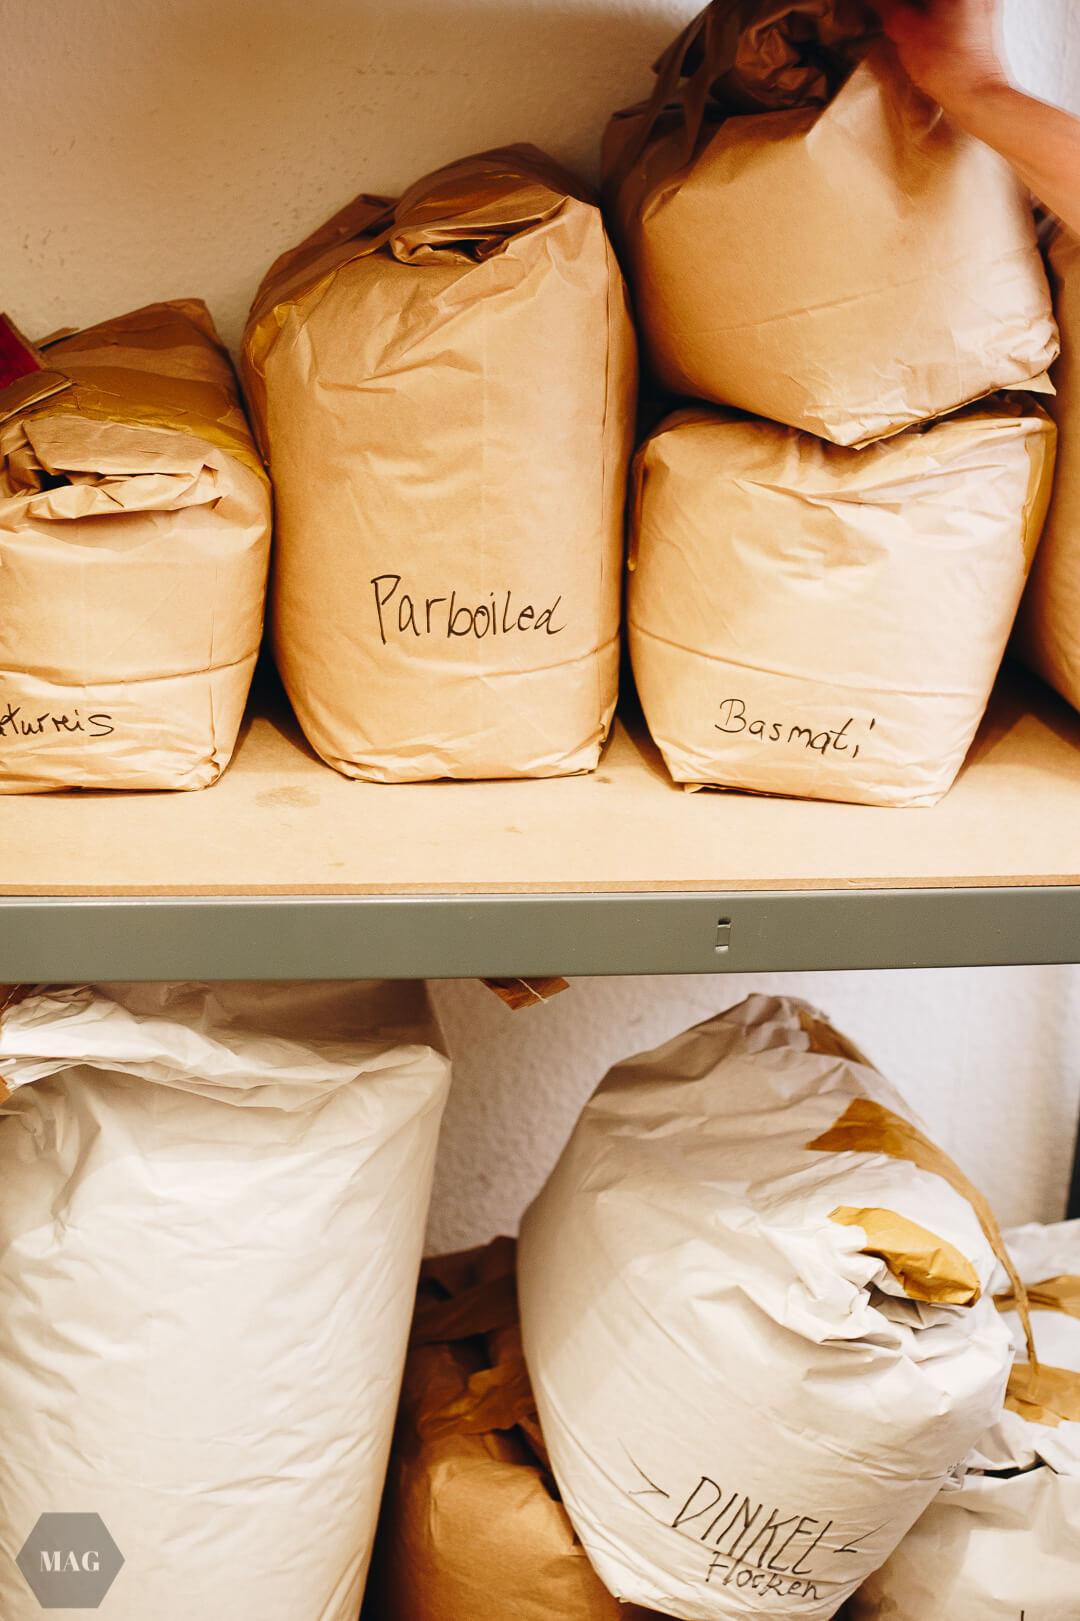 natürlich unverpackt, münster unverpackt, münster müllarm, münster plastikfrei, plastikfrei einkaufen, unverpackt einkaufen, unverpackt laden innen, unverpackt laden lieferung, unverpackt laden lager, natürlich unverpackt münster, unverpackt laden, zero waste laden münster, zero waste laden, plastikfrei münster